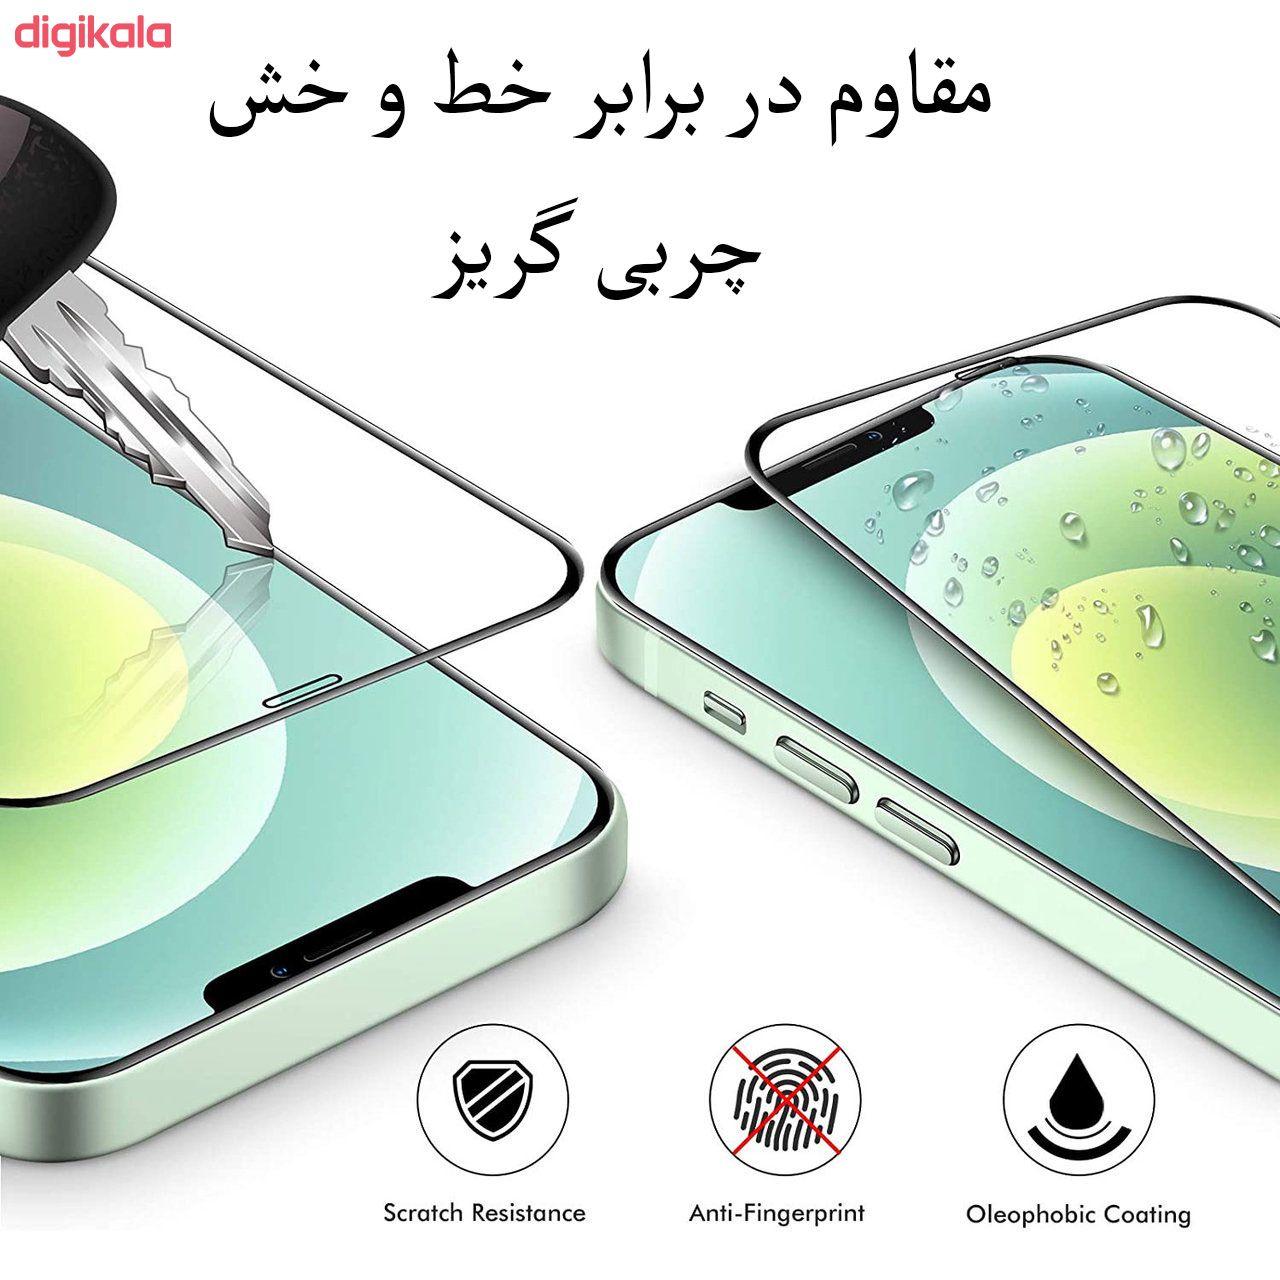 محافظ صفحه نمایش مدل FCG مناسب برای گوشی موبایل اپل iPhone 12 Pro Max بسته دو عددی main 1 14